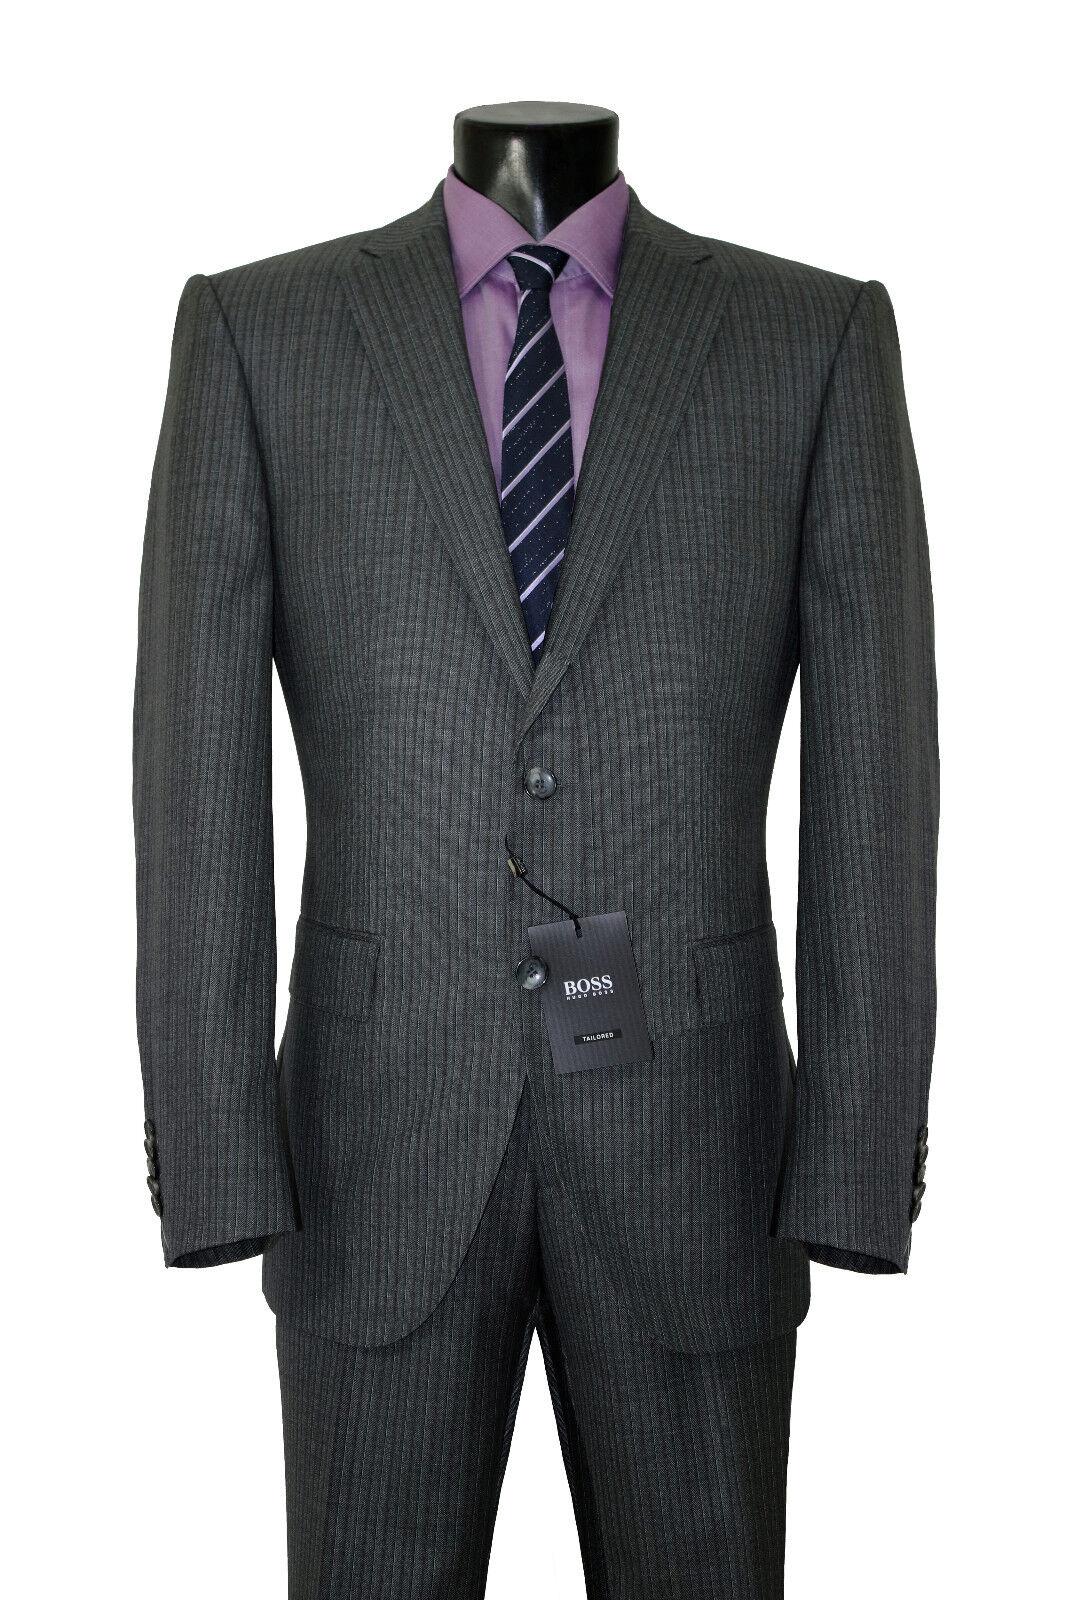 HUGO BOSS TAILOROT Anzug Geschäft-Anzug T-Howard5/Court6  Gr. 48 NEU